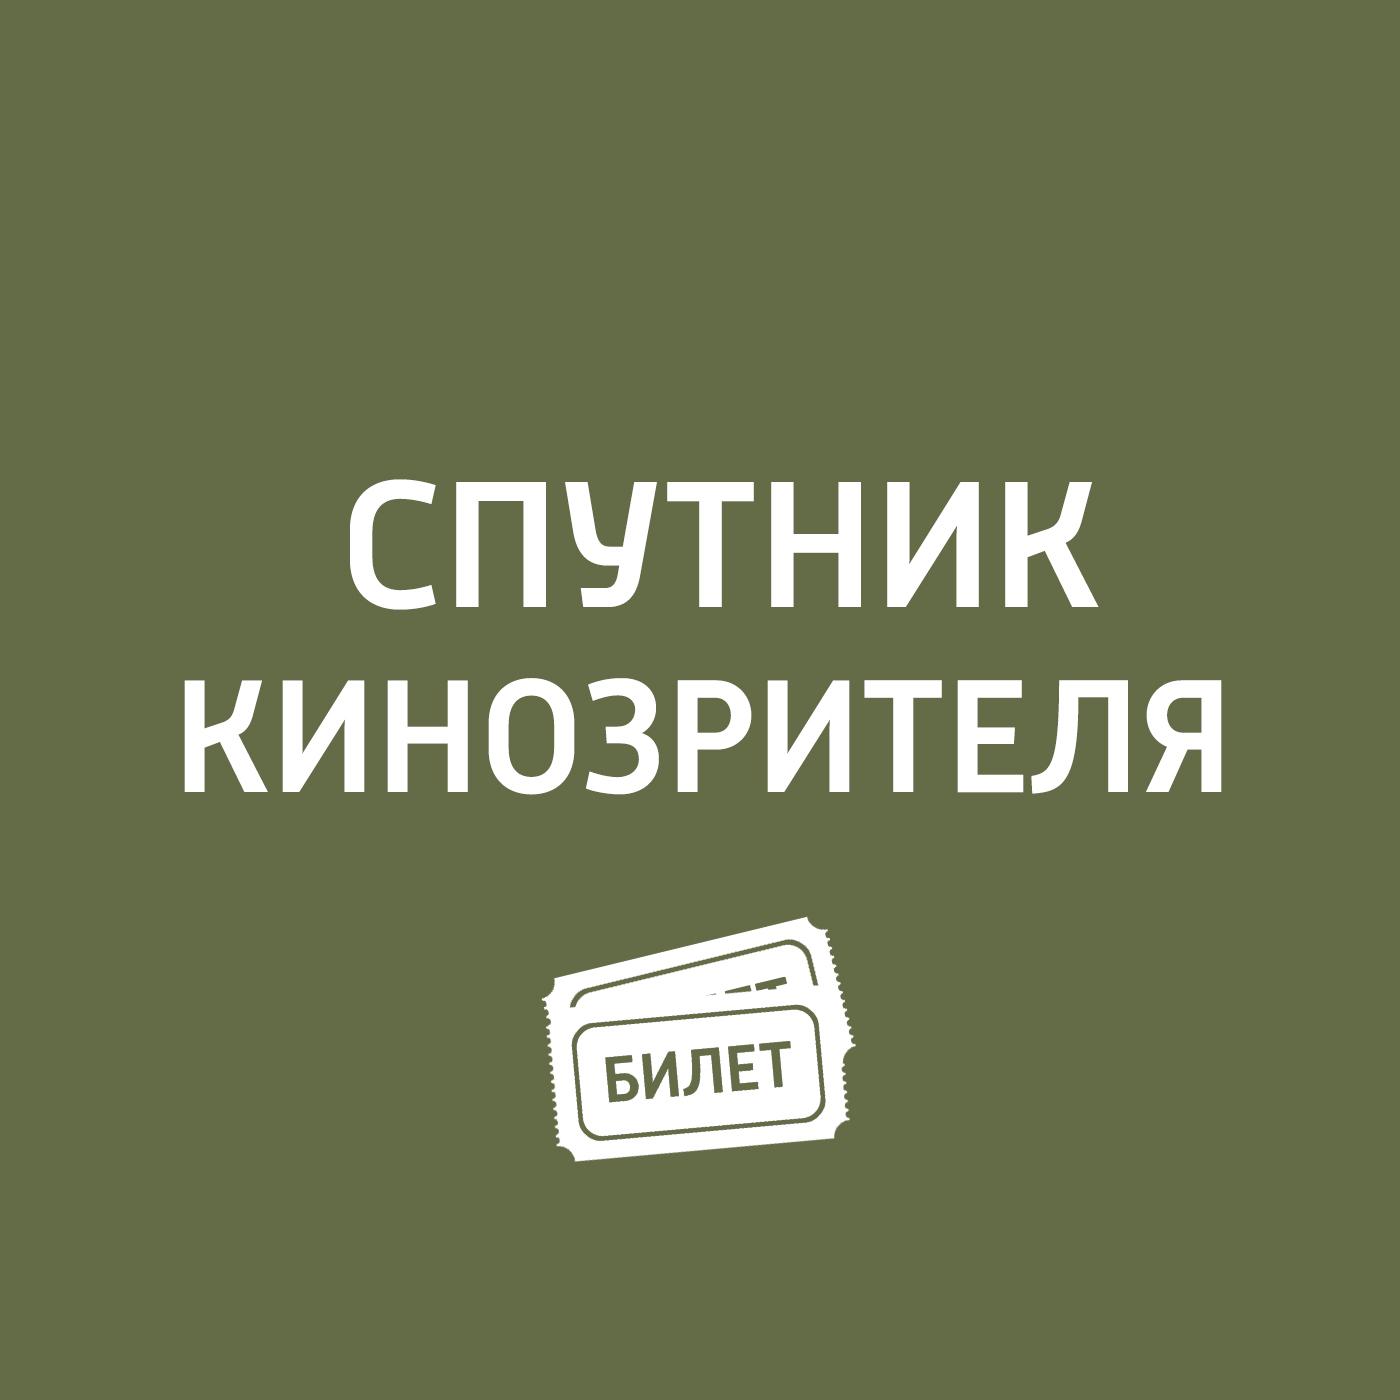 Антон Долин Впечатления от Каннского кинофестиваля итоги каннского кинофестиваля